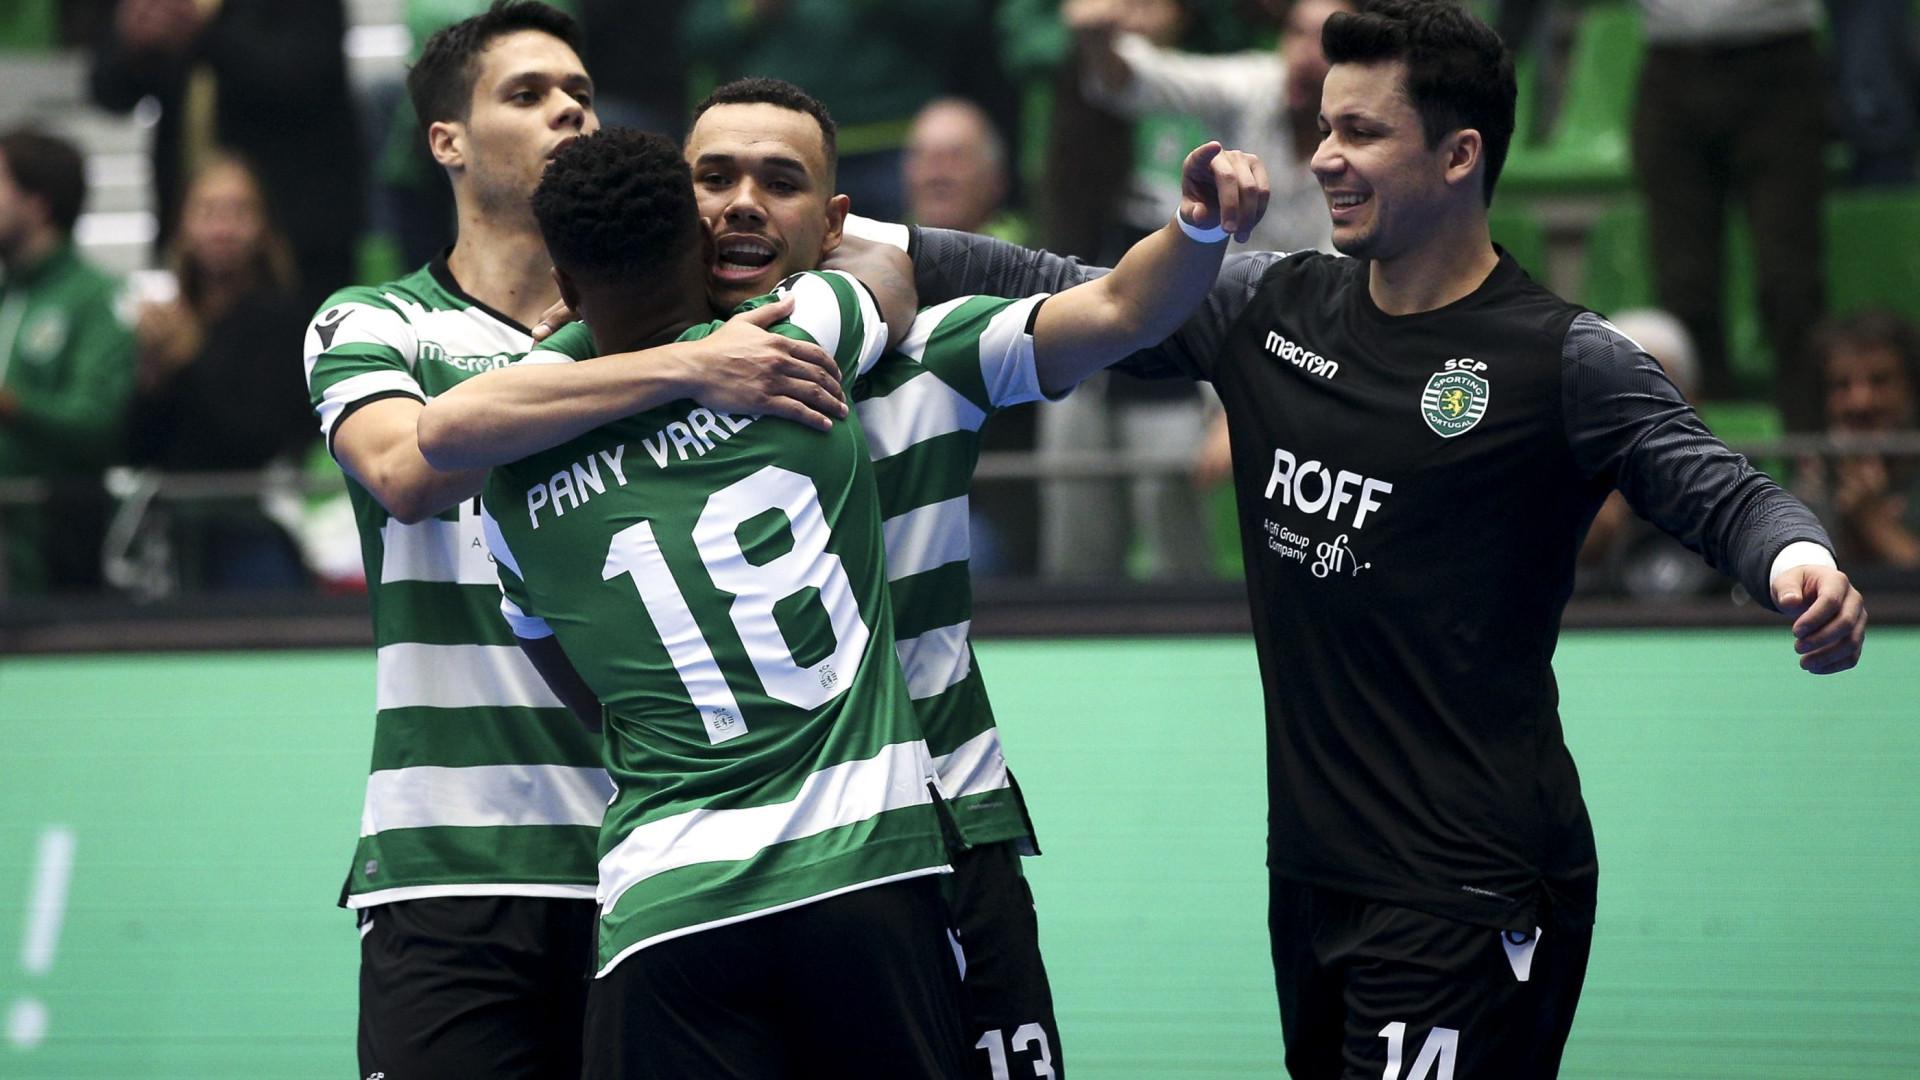 Guarda-redes do Sporting nomeado para prémio de melhor do Mundo